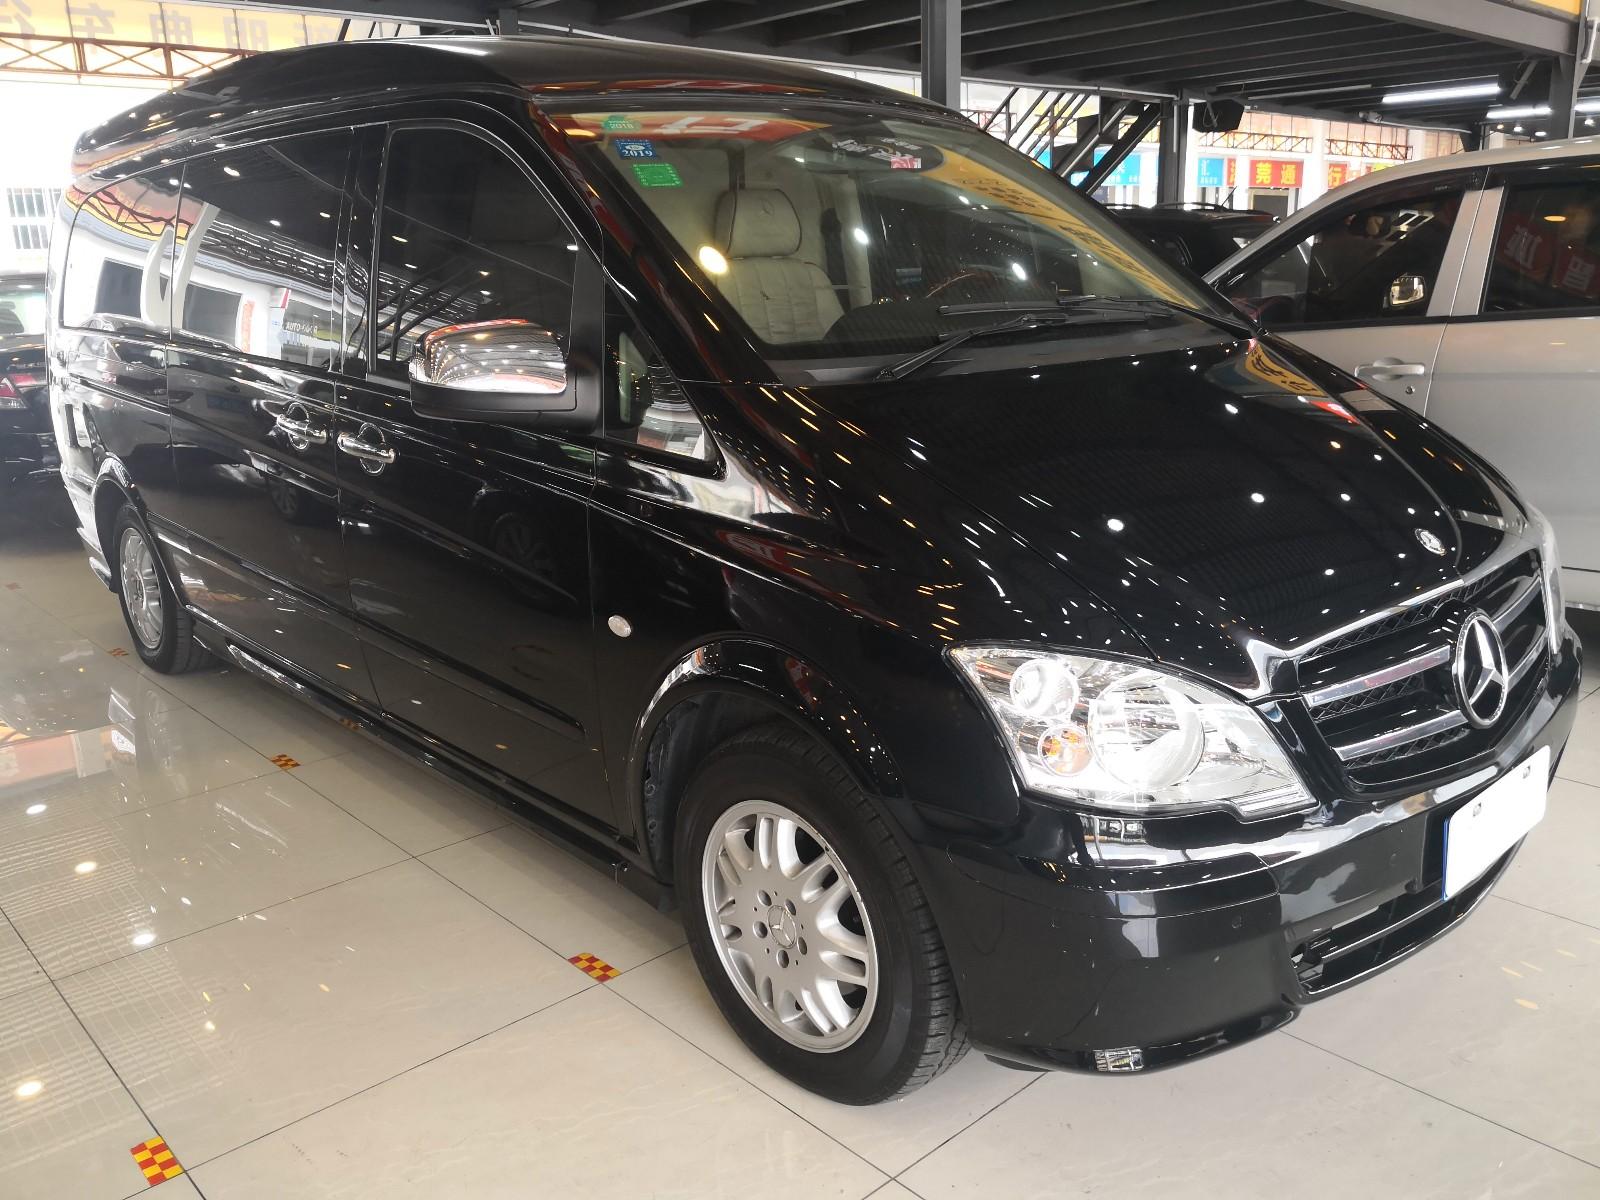 奔驰 威霆 2011款 2.5L 7座行政版